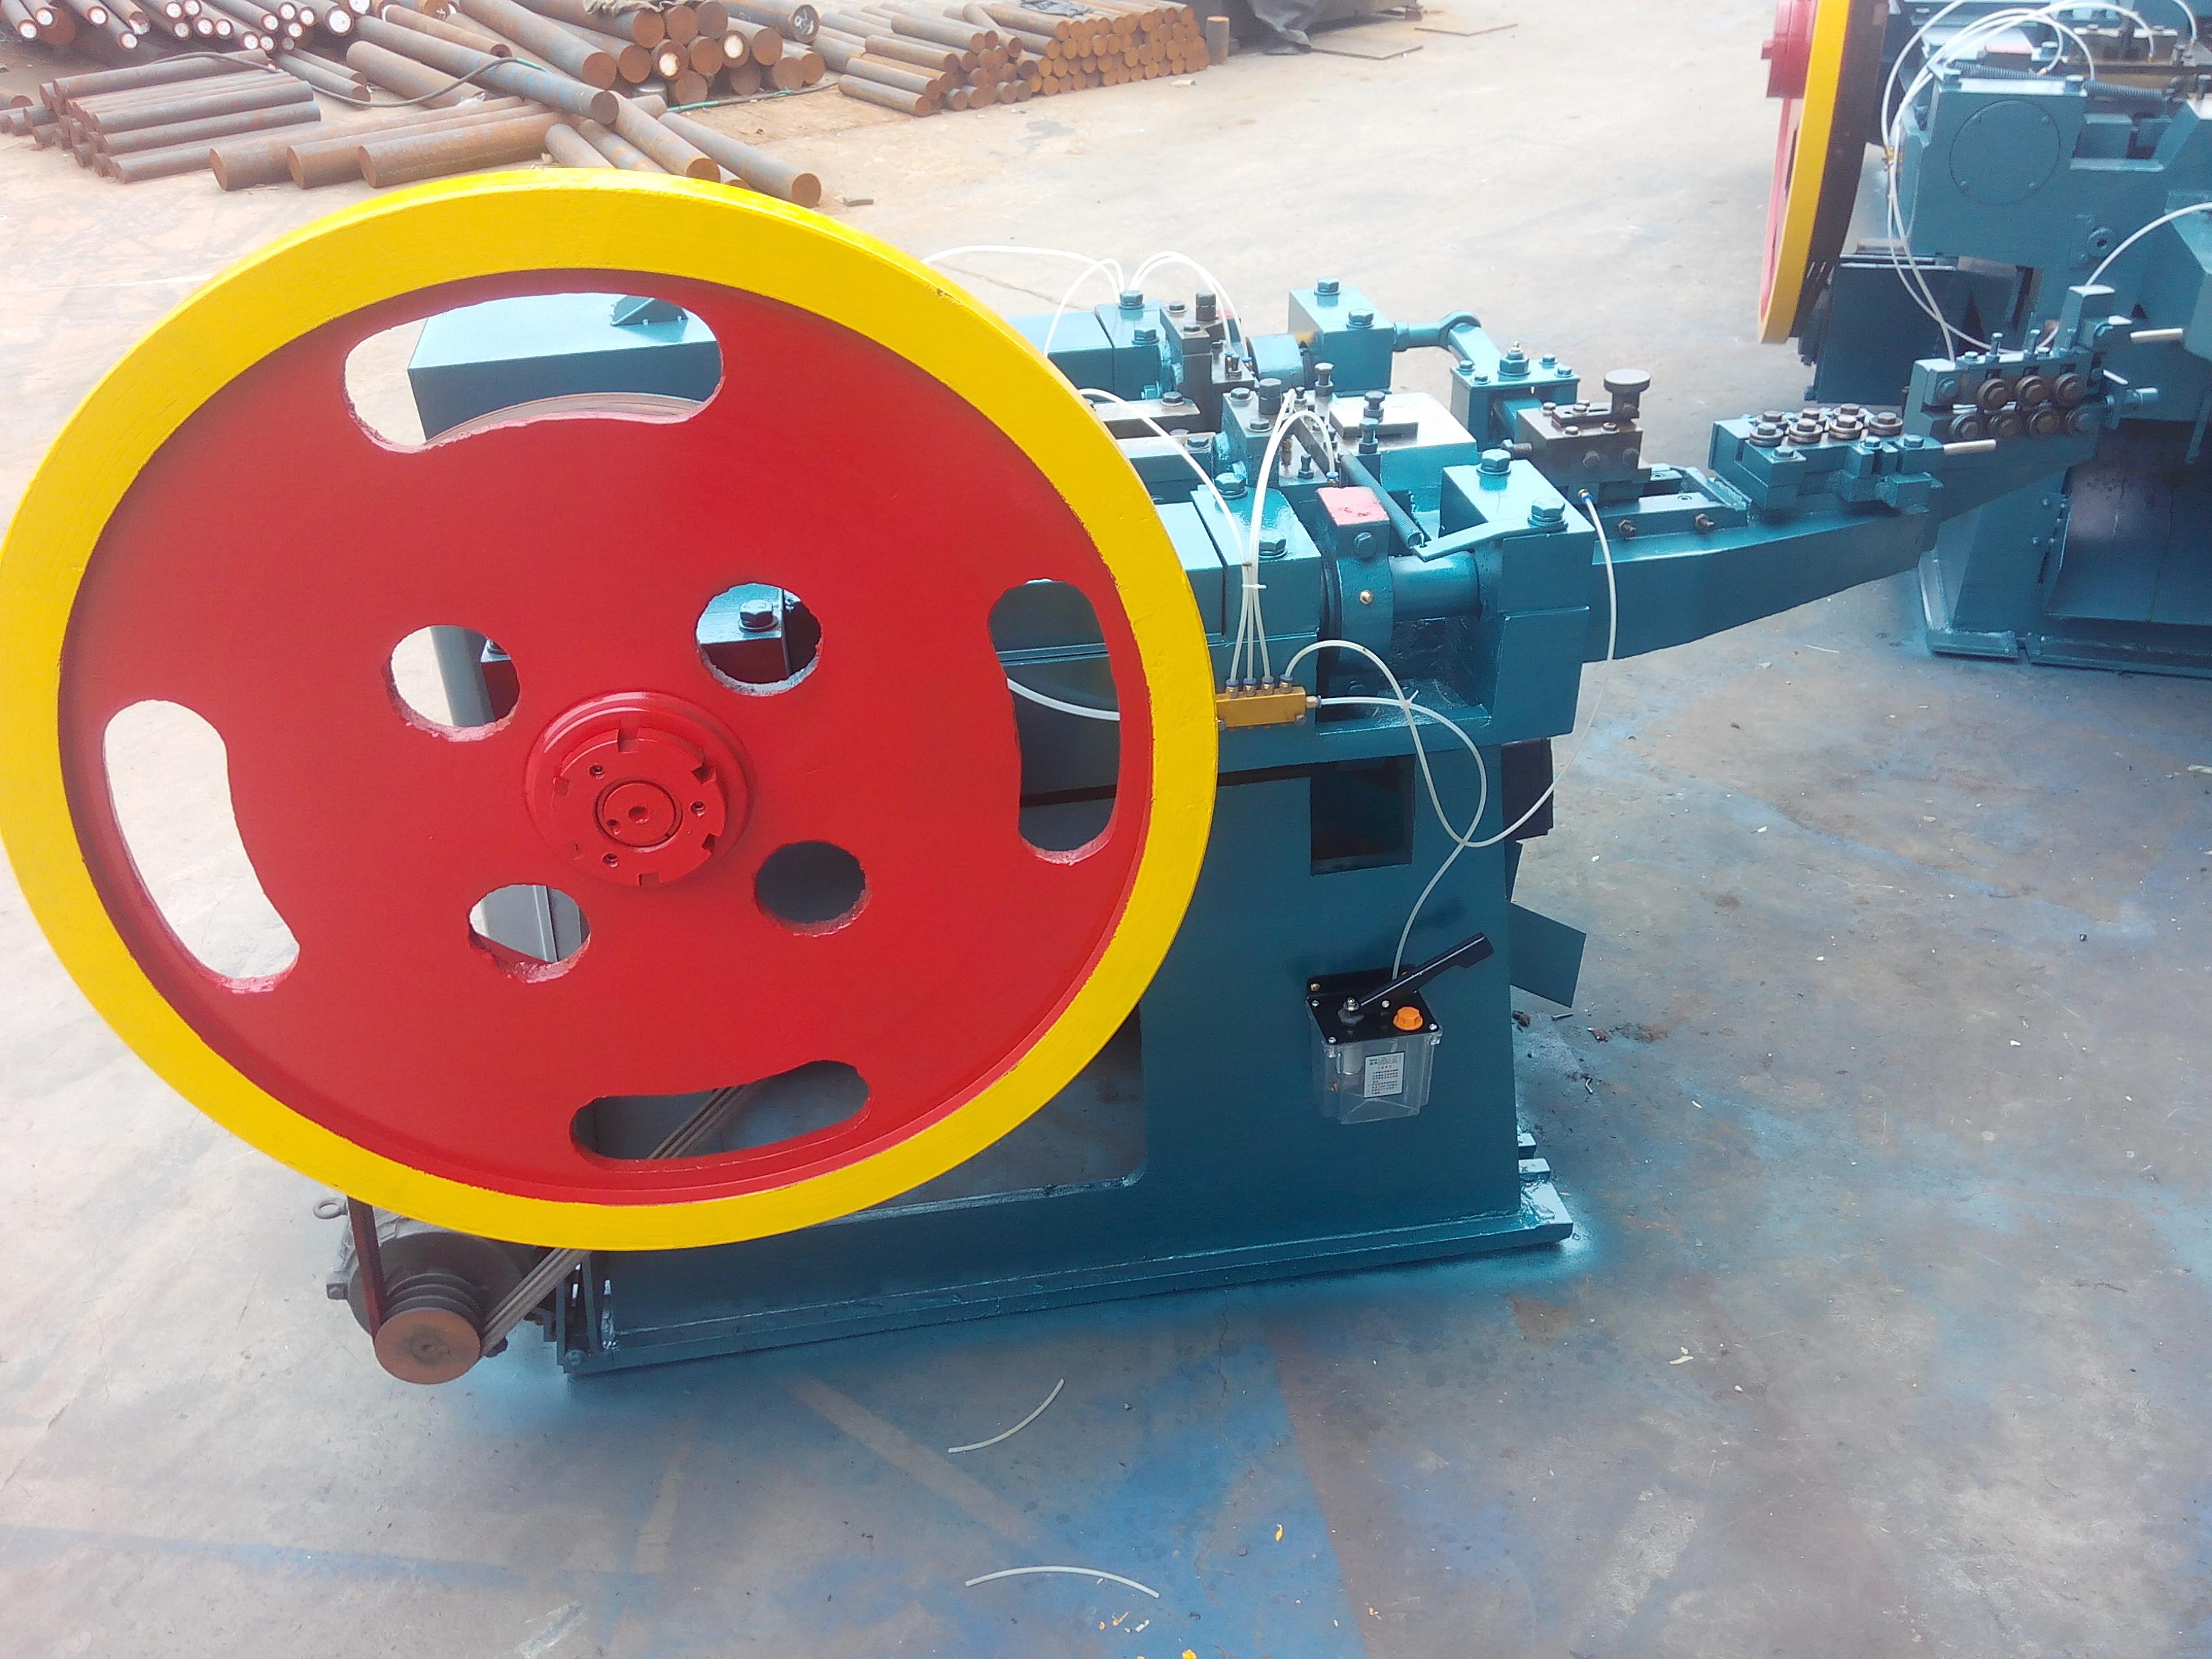 供应拔丝机批发 直线式拉丝机 铝板拉丝机 拔丝技术 磨辊拉丝机 多头拉丝机